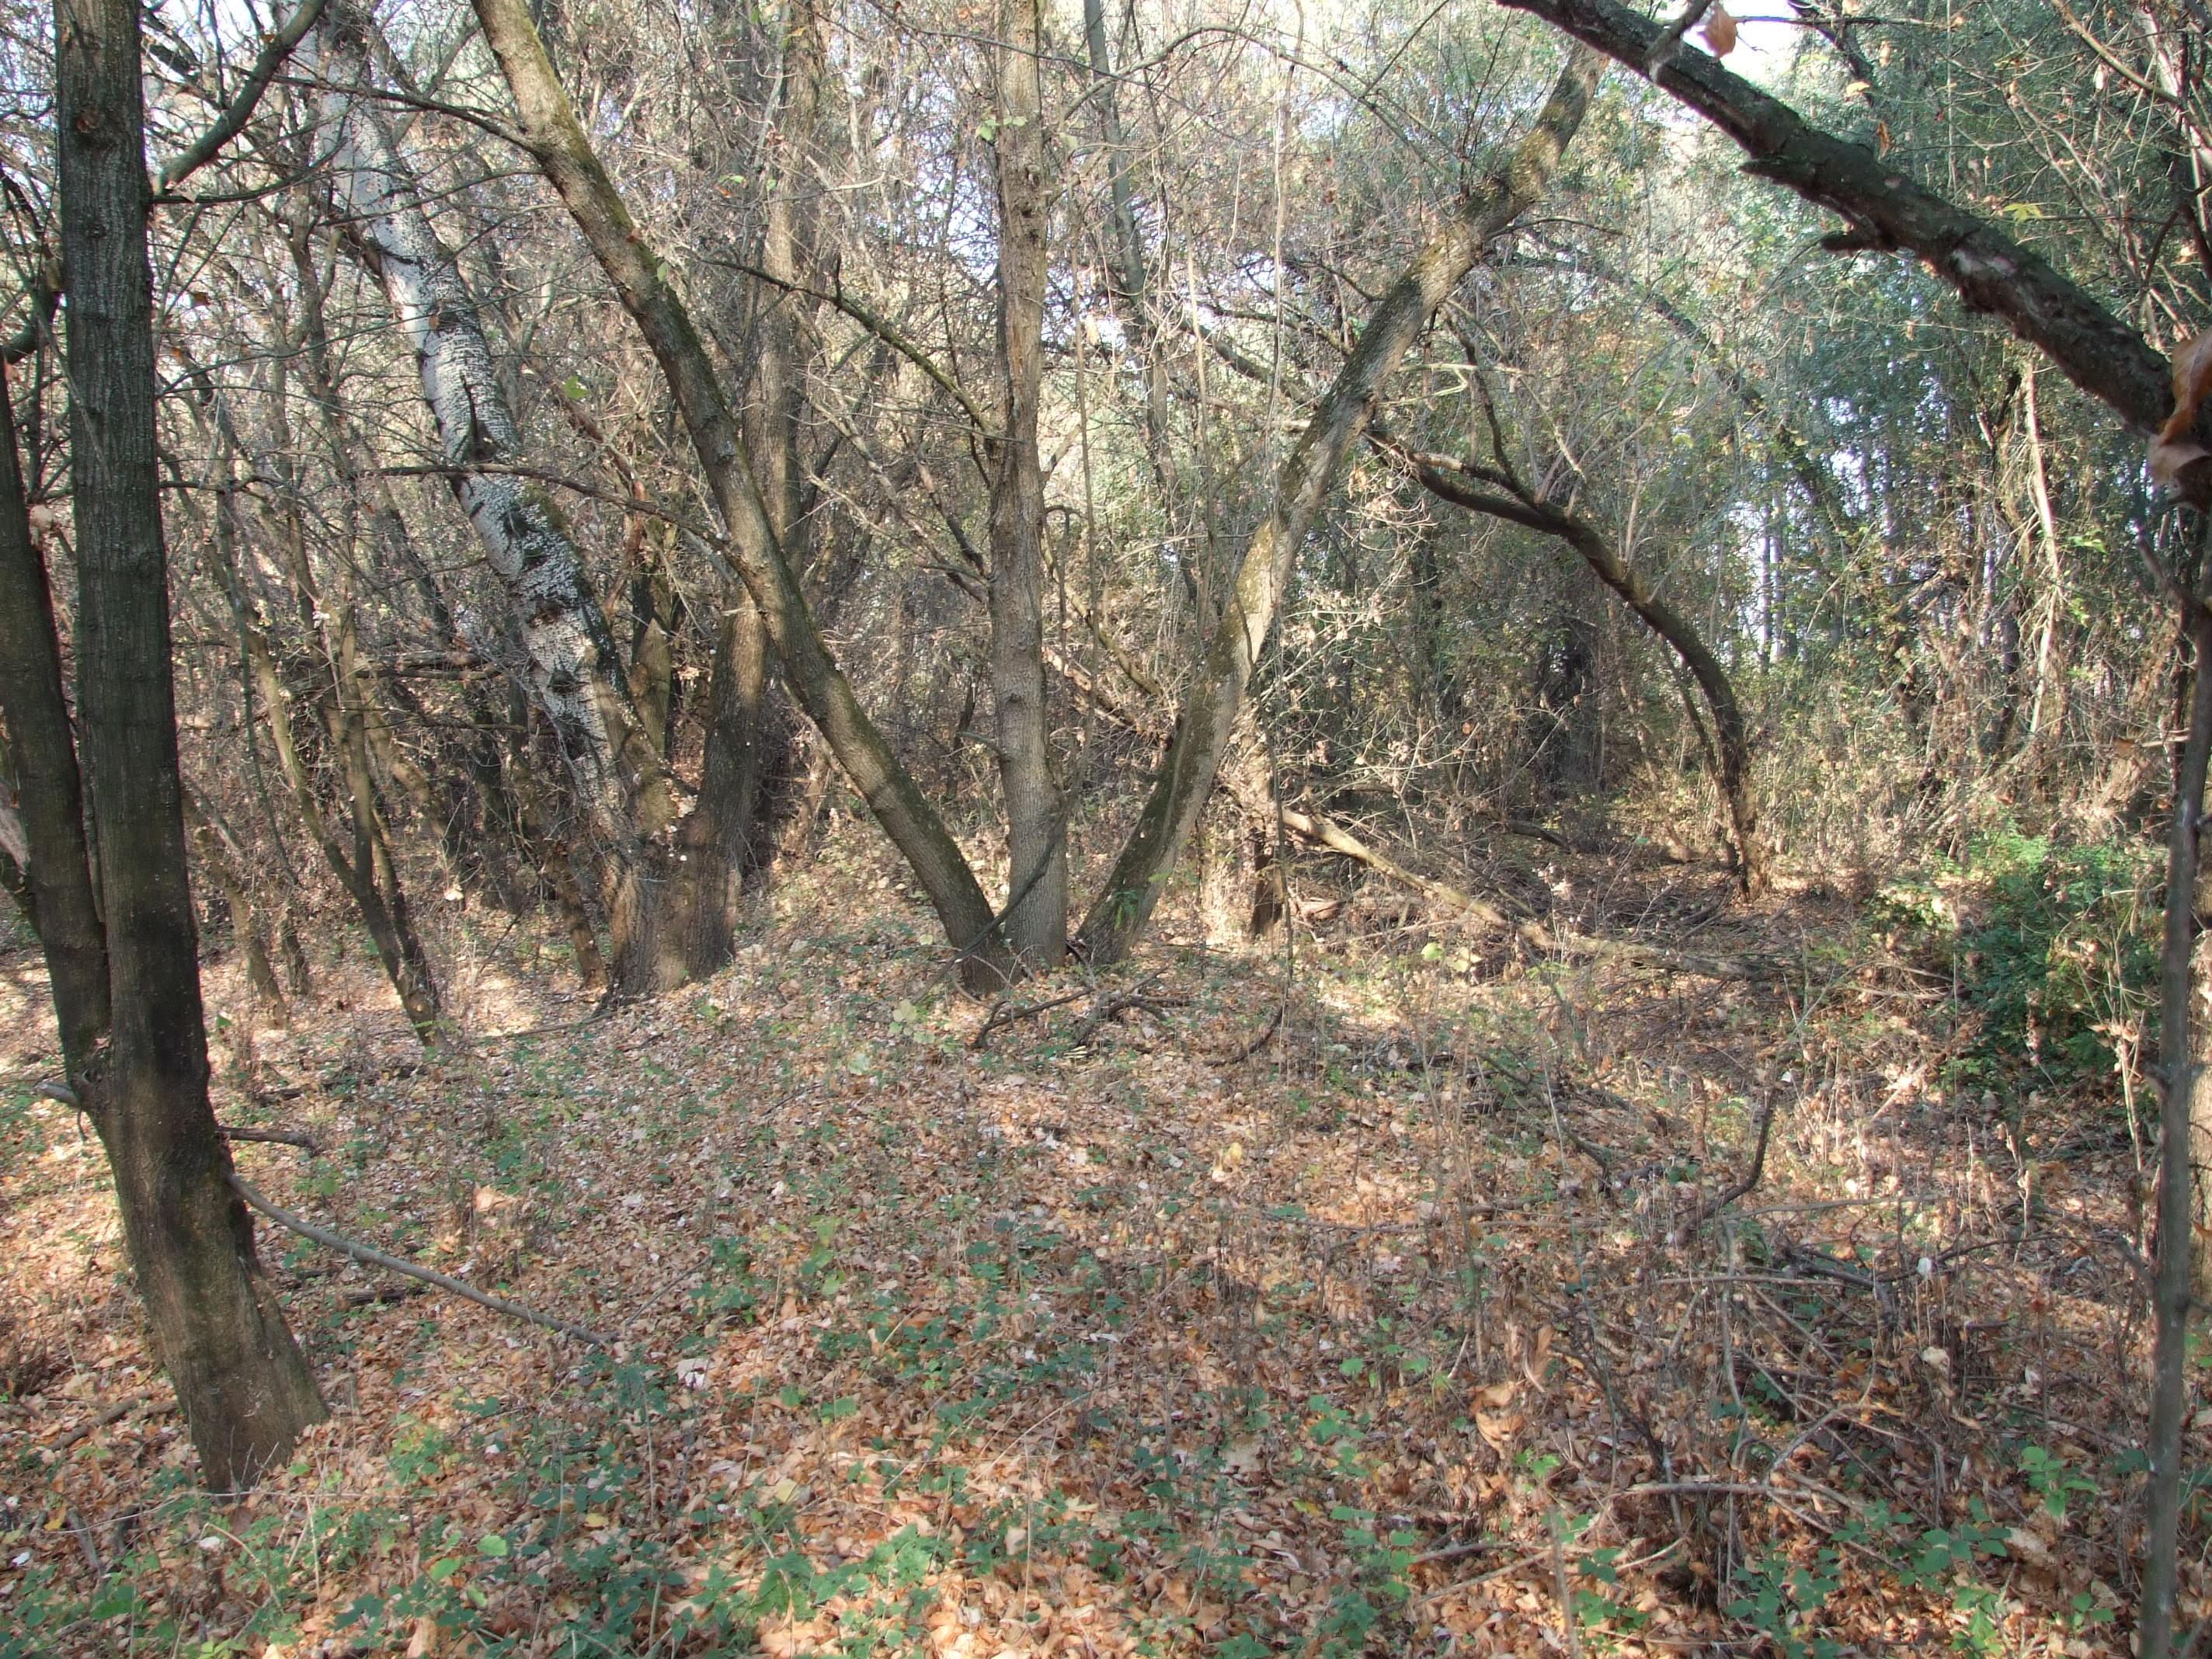 Partjának egy részét kőris erdő övezi